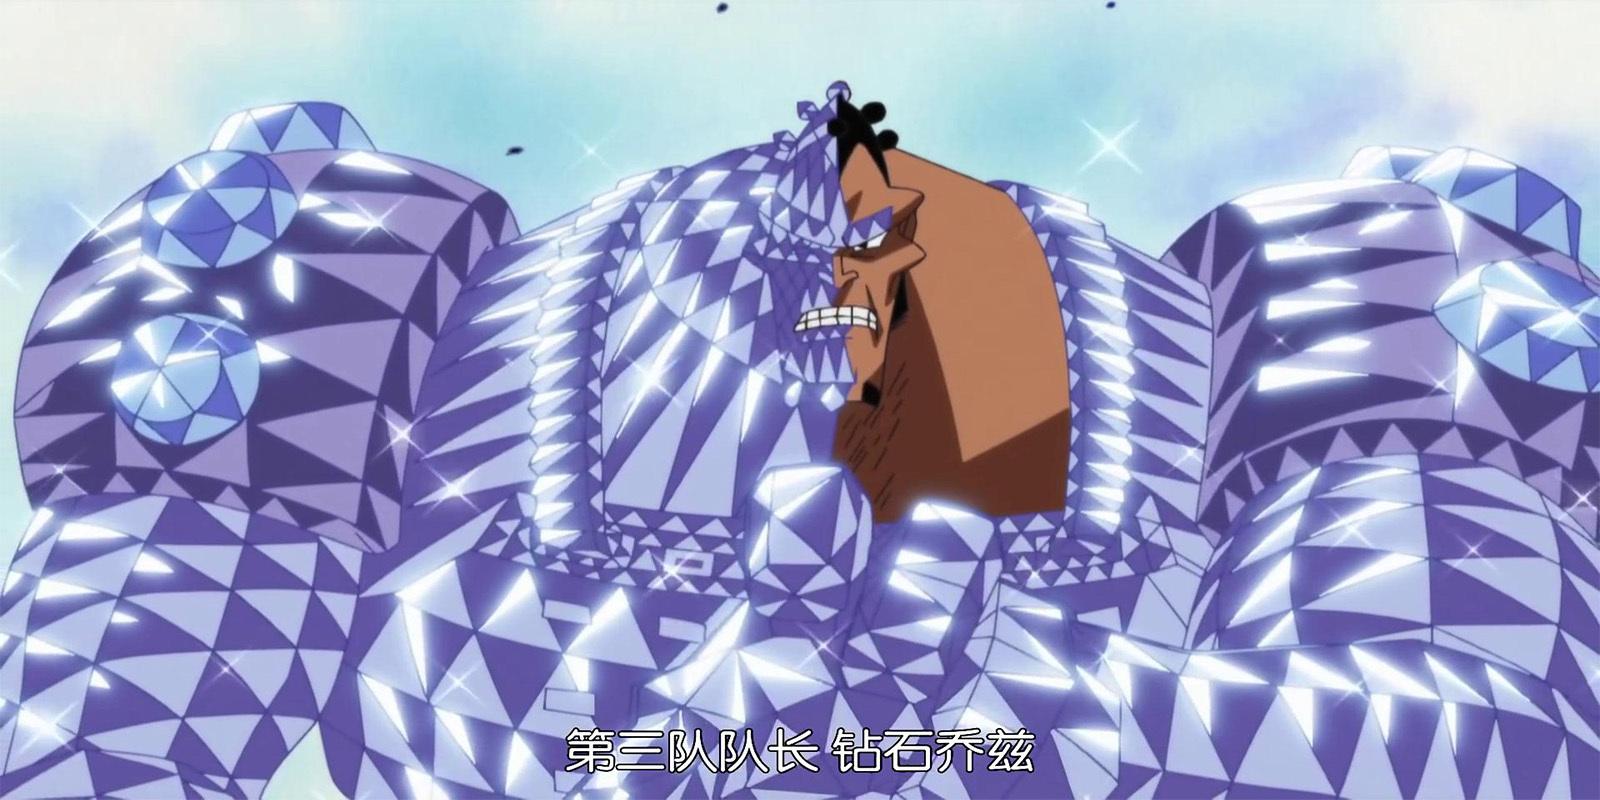 海贼王:索隆未来的5个对手,最低等级也是四皇队长!